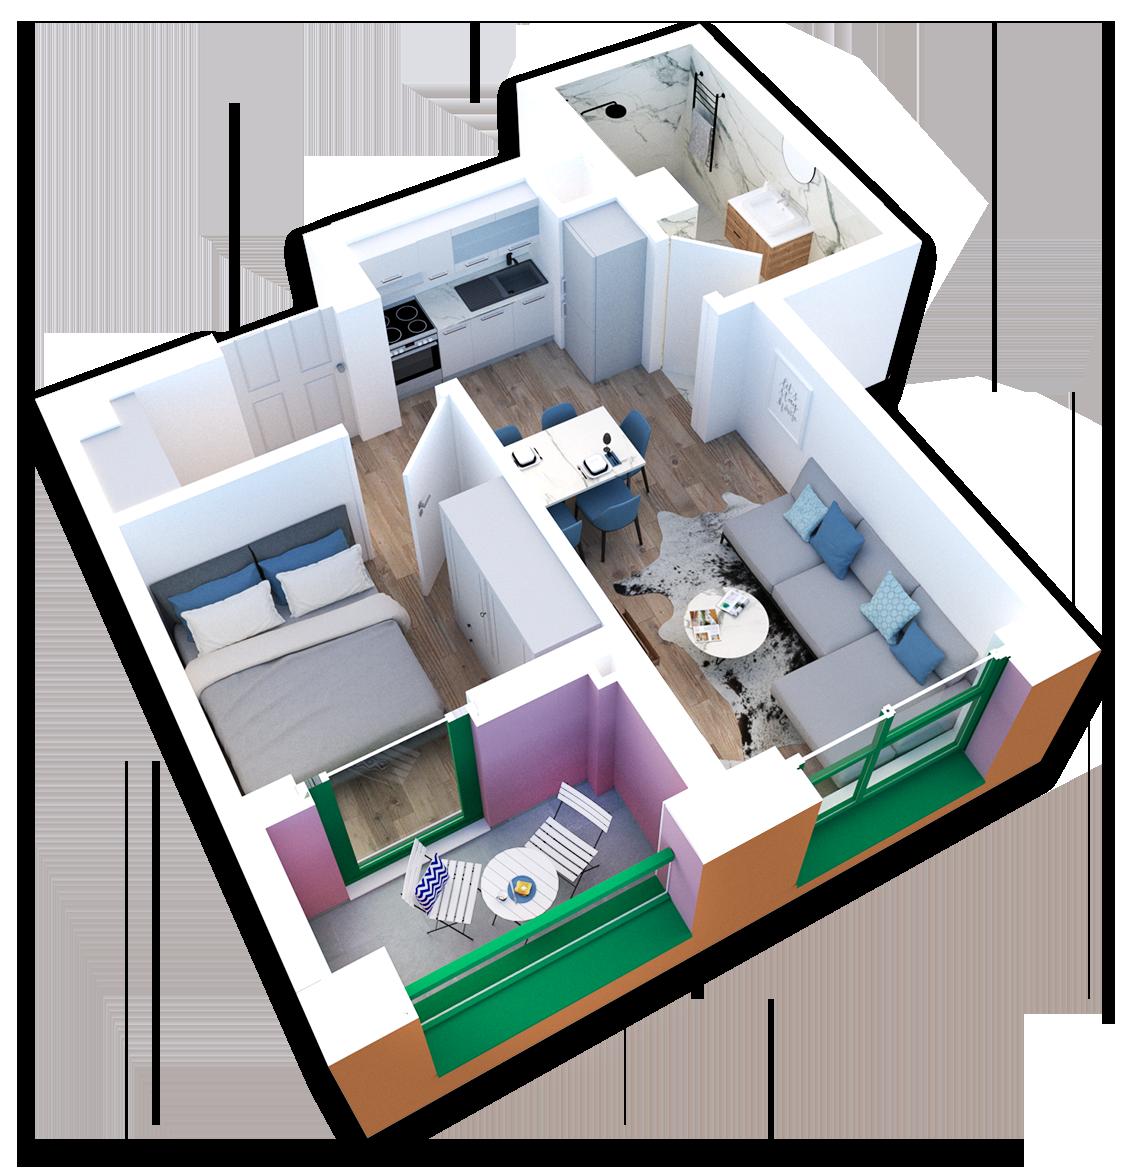 Apartament 1+1 në shitje në Tiranë - Mangalem 21 Shkalla 23 Kati 5